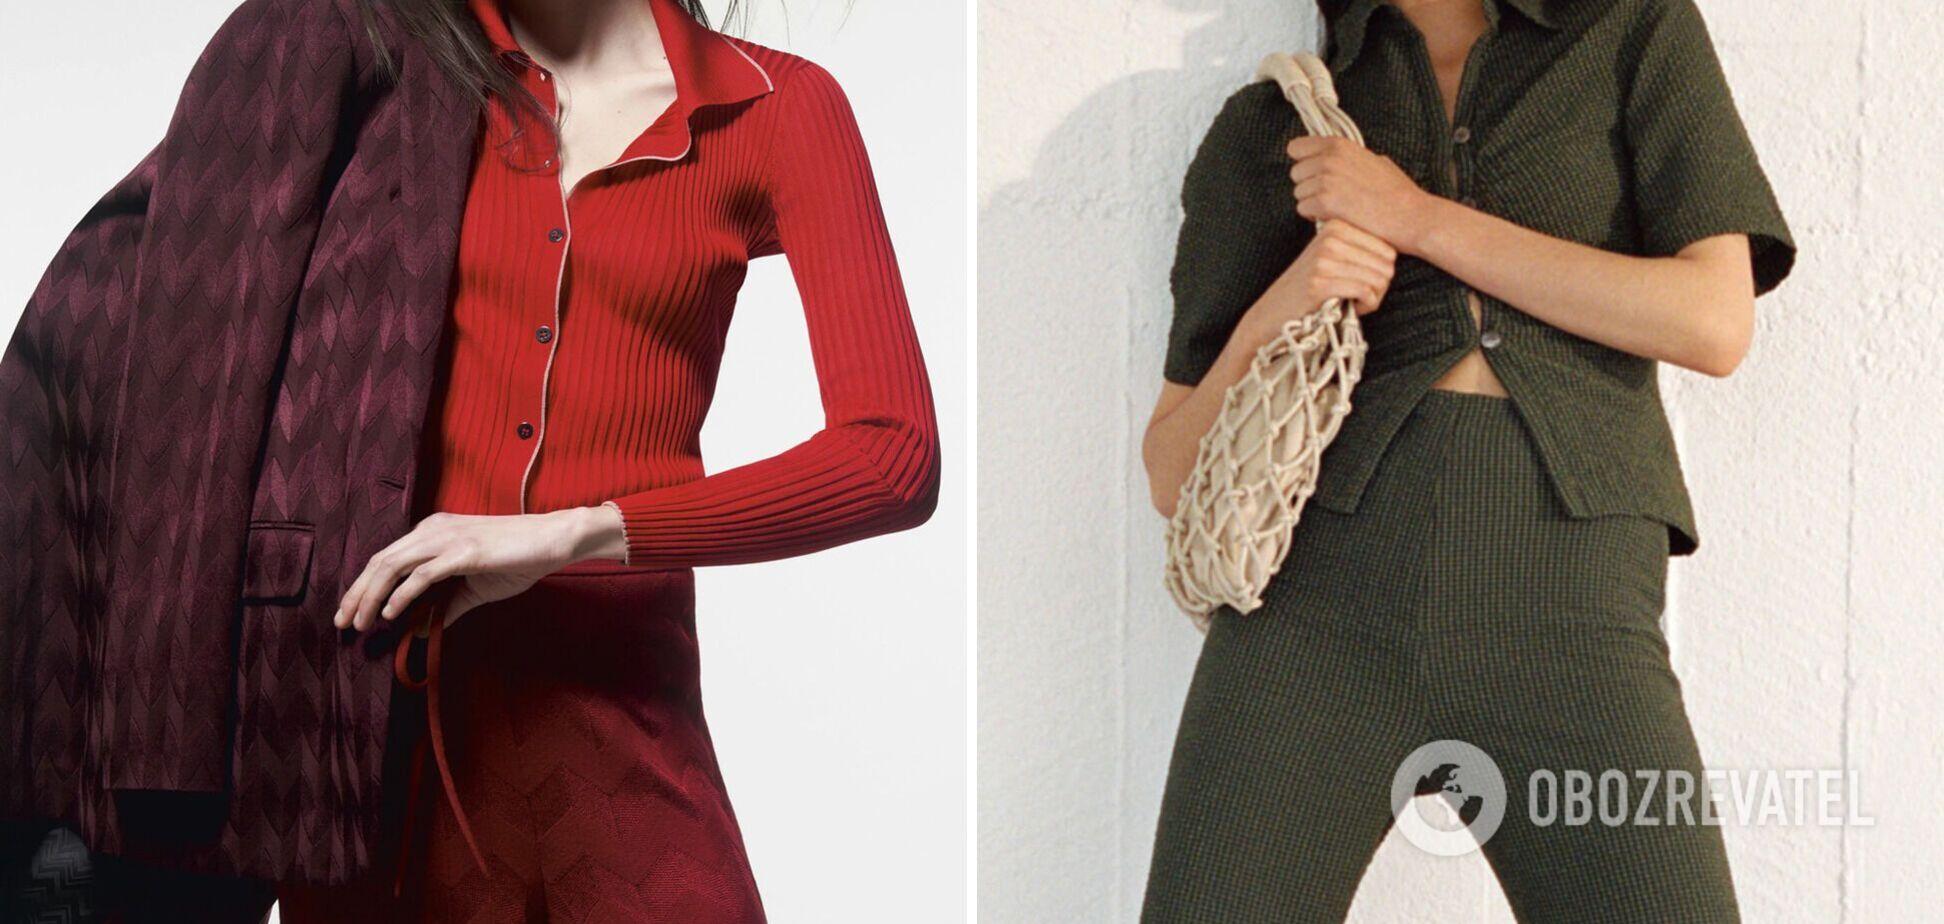 Трикотажна сорочка стала модним трендом весни 2021